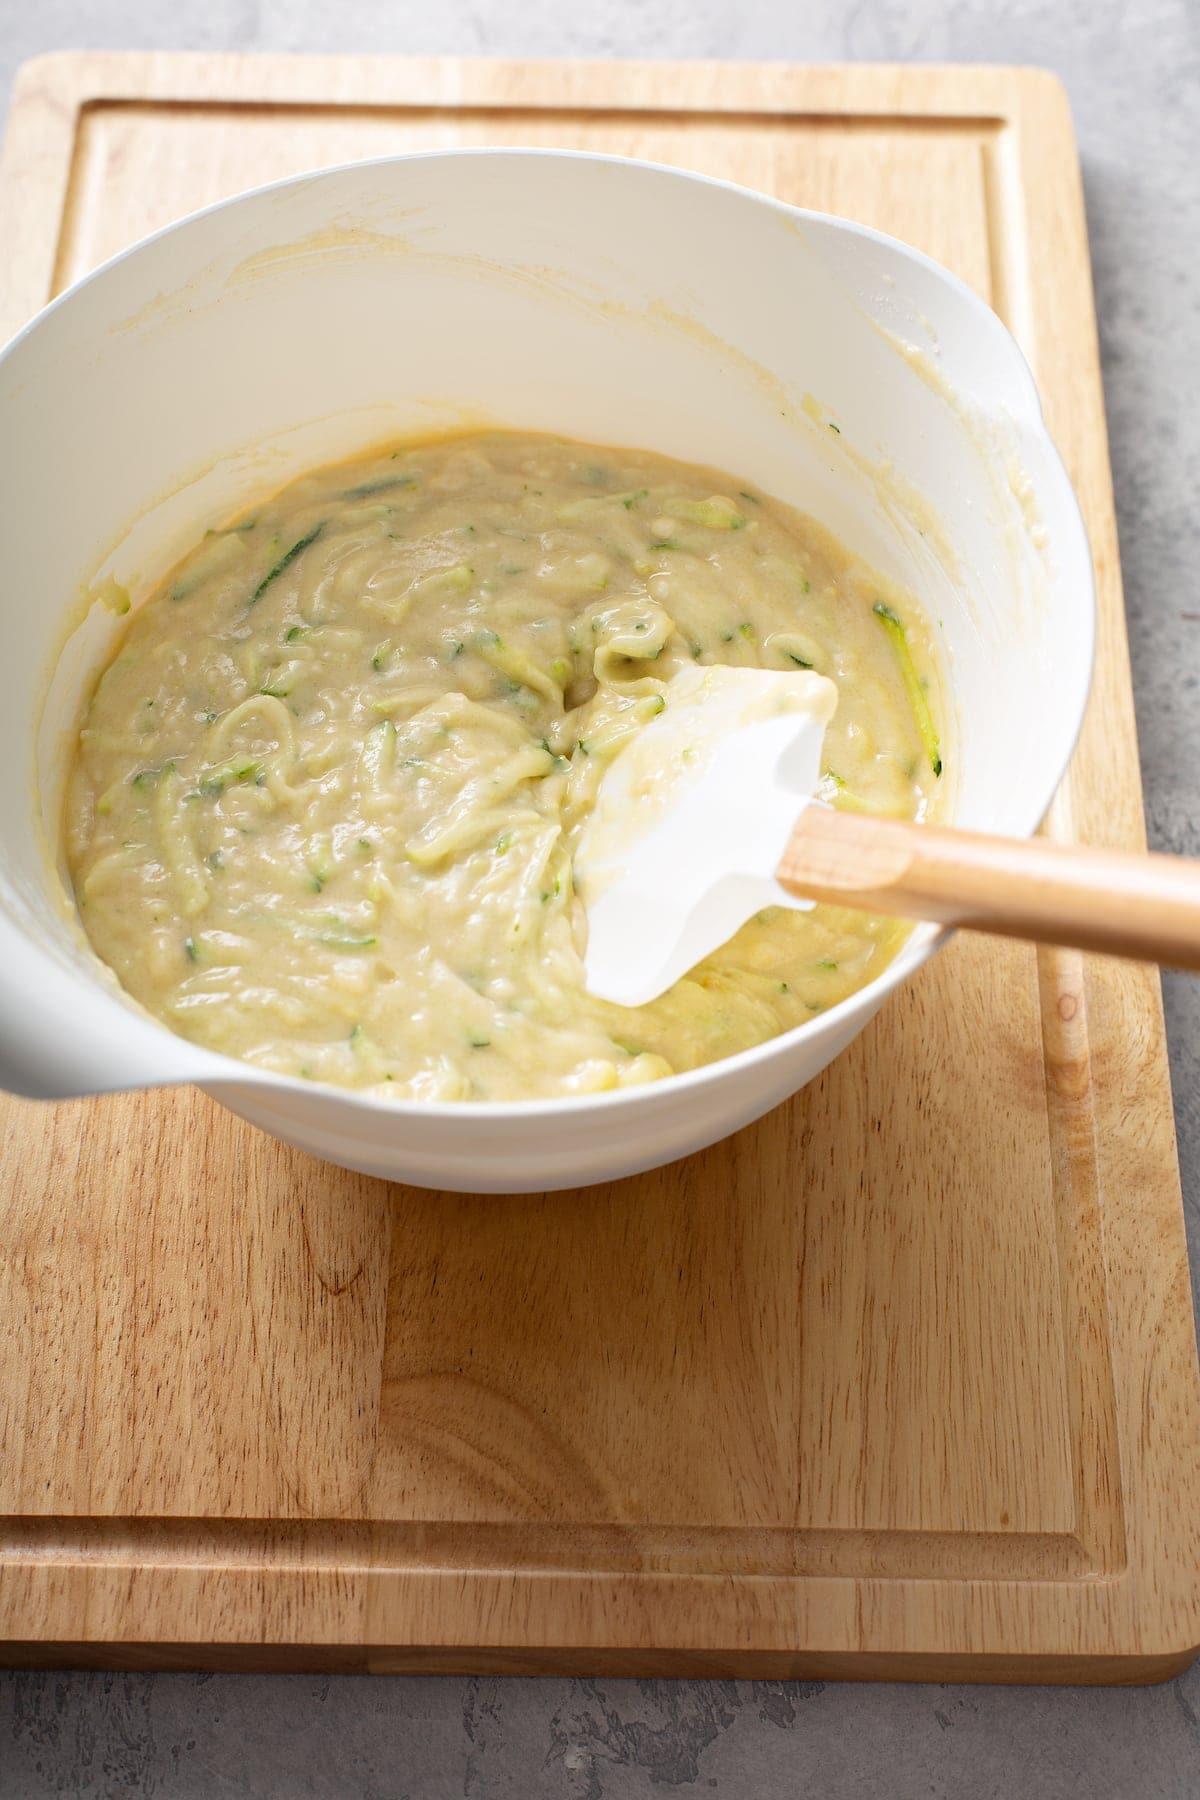 zucchini loaf batter